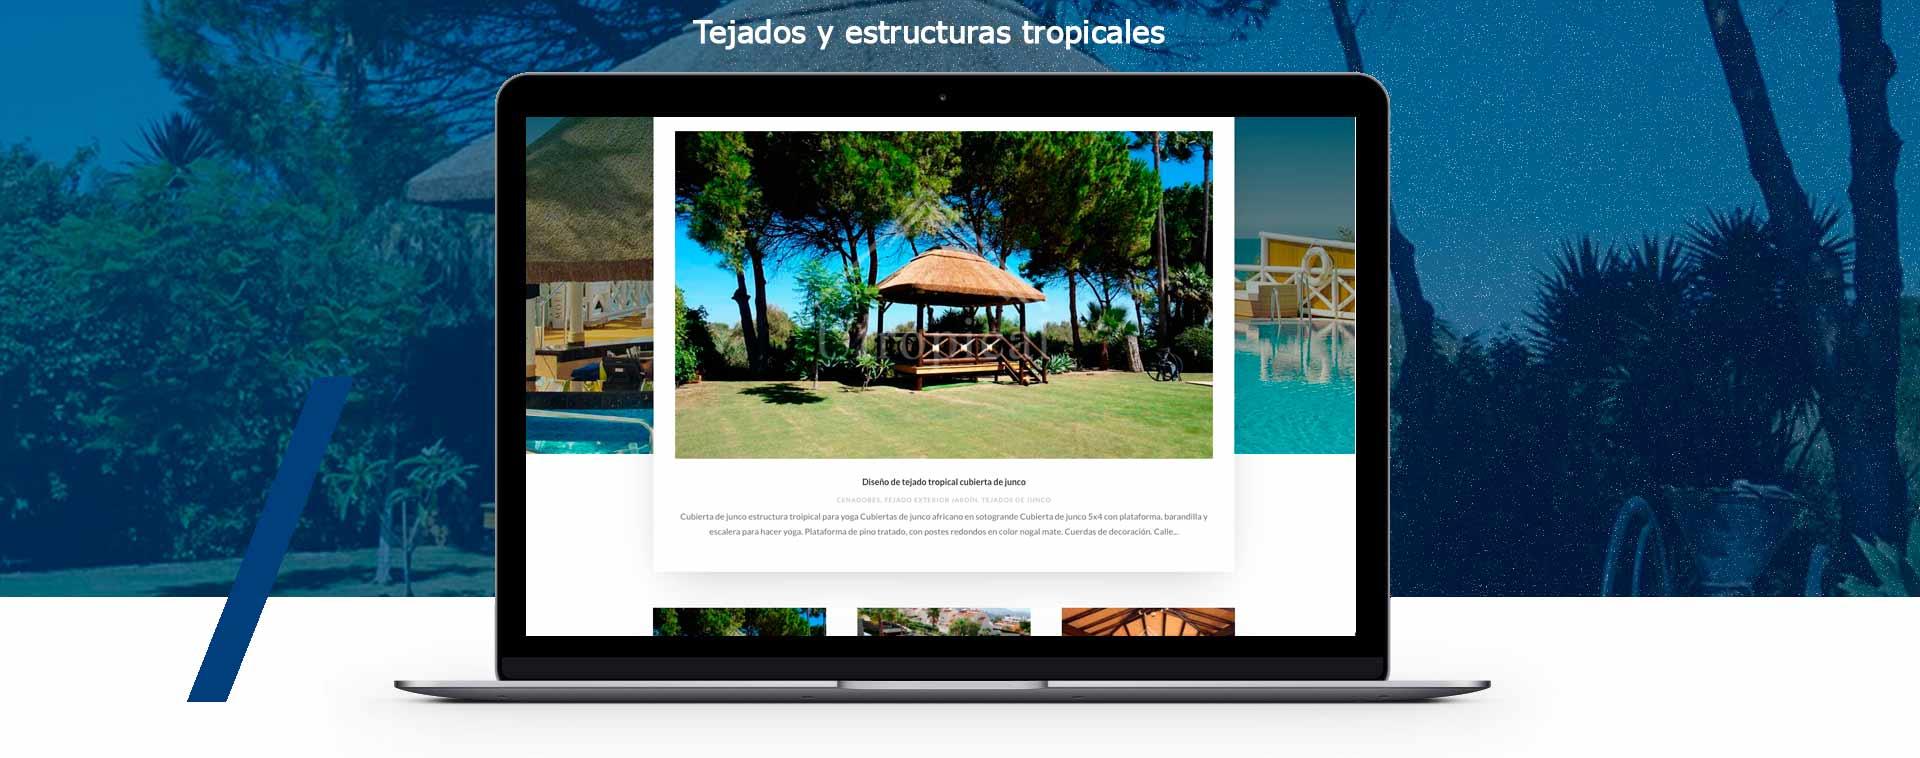 Presentacion diseño web Carpintero tejados tropicales Málaga Mijas